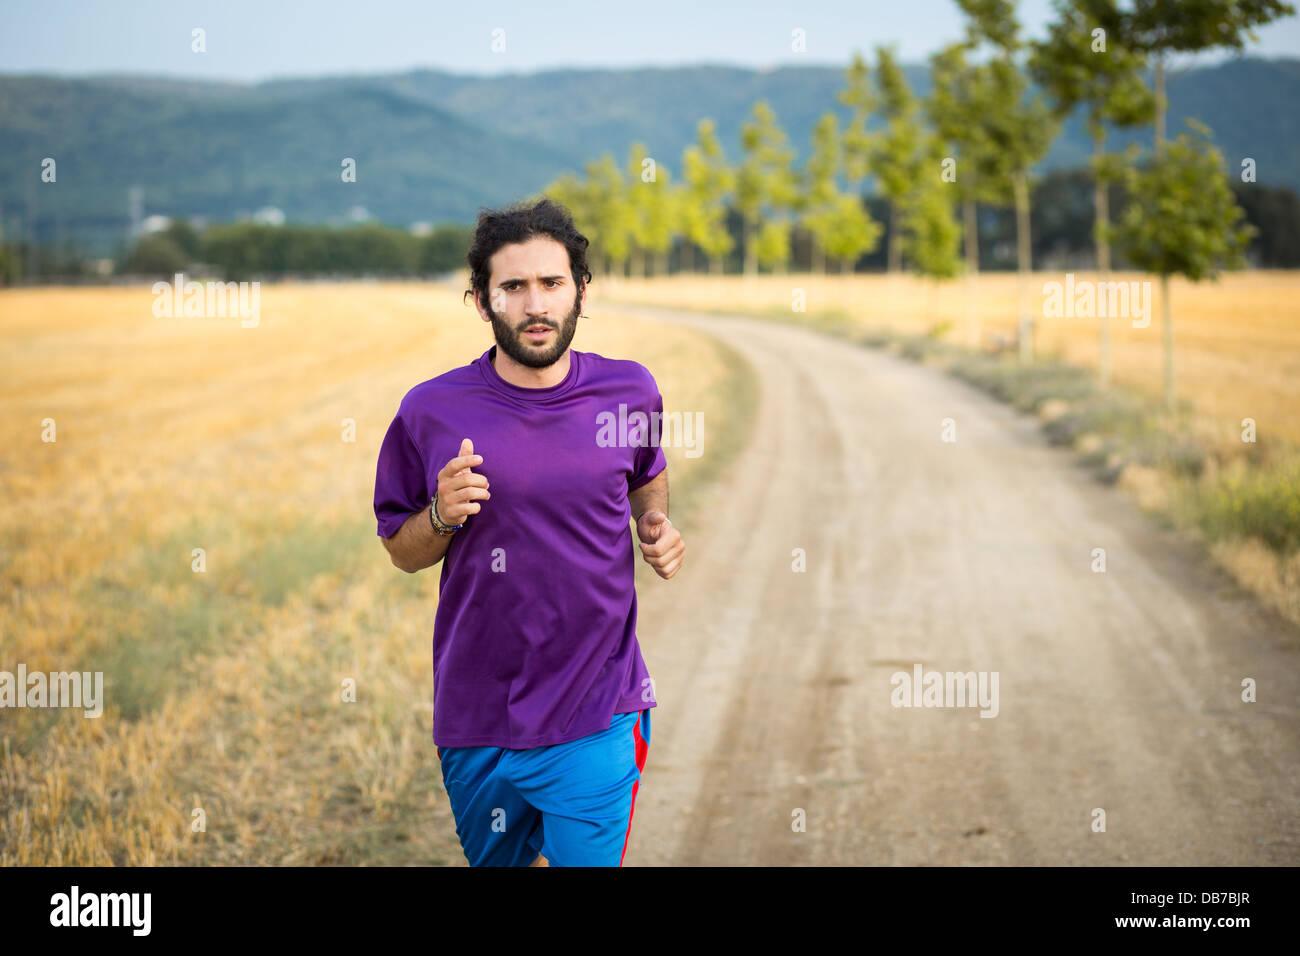 Junger sportlicher Mann laufen in der Natur Stockbild